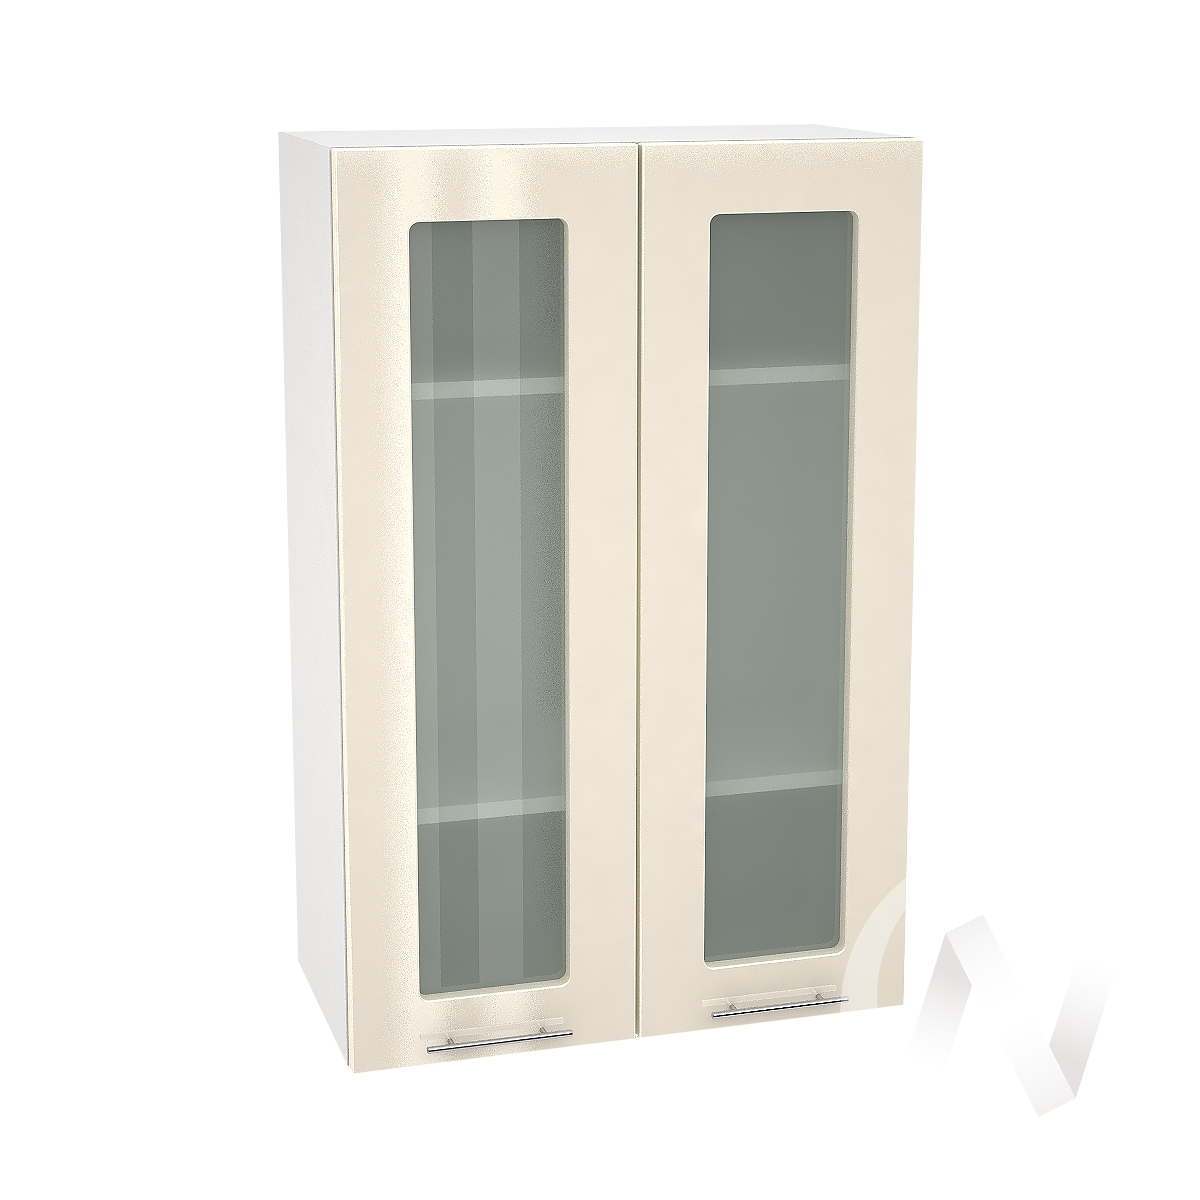 """Кухня """"Валерия-М"""": Шкаф верхний со стеклом 609, ШВС 609 новый (Ваниль глянец/корпус белый)"""